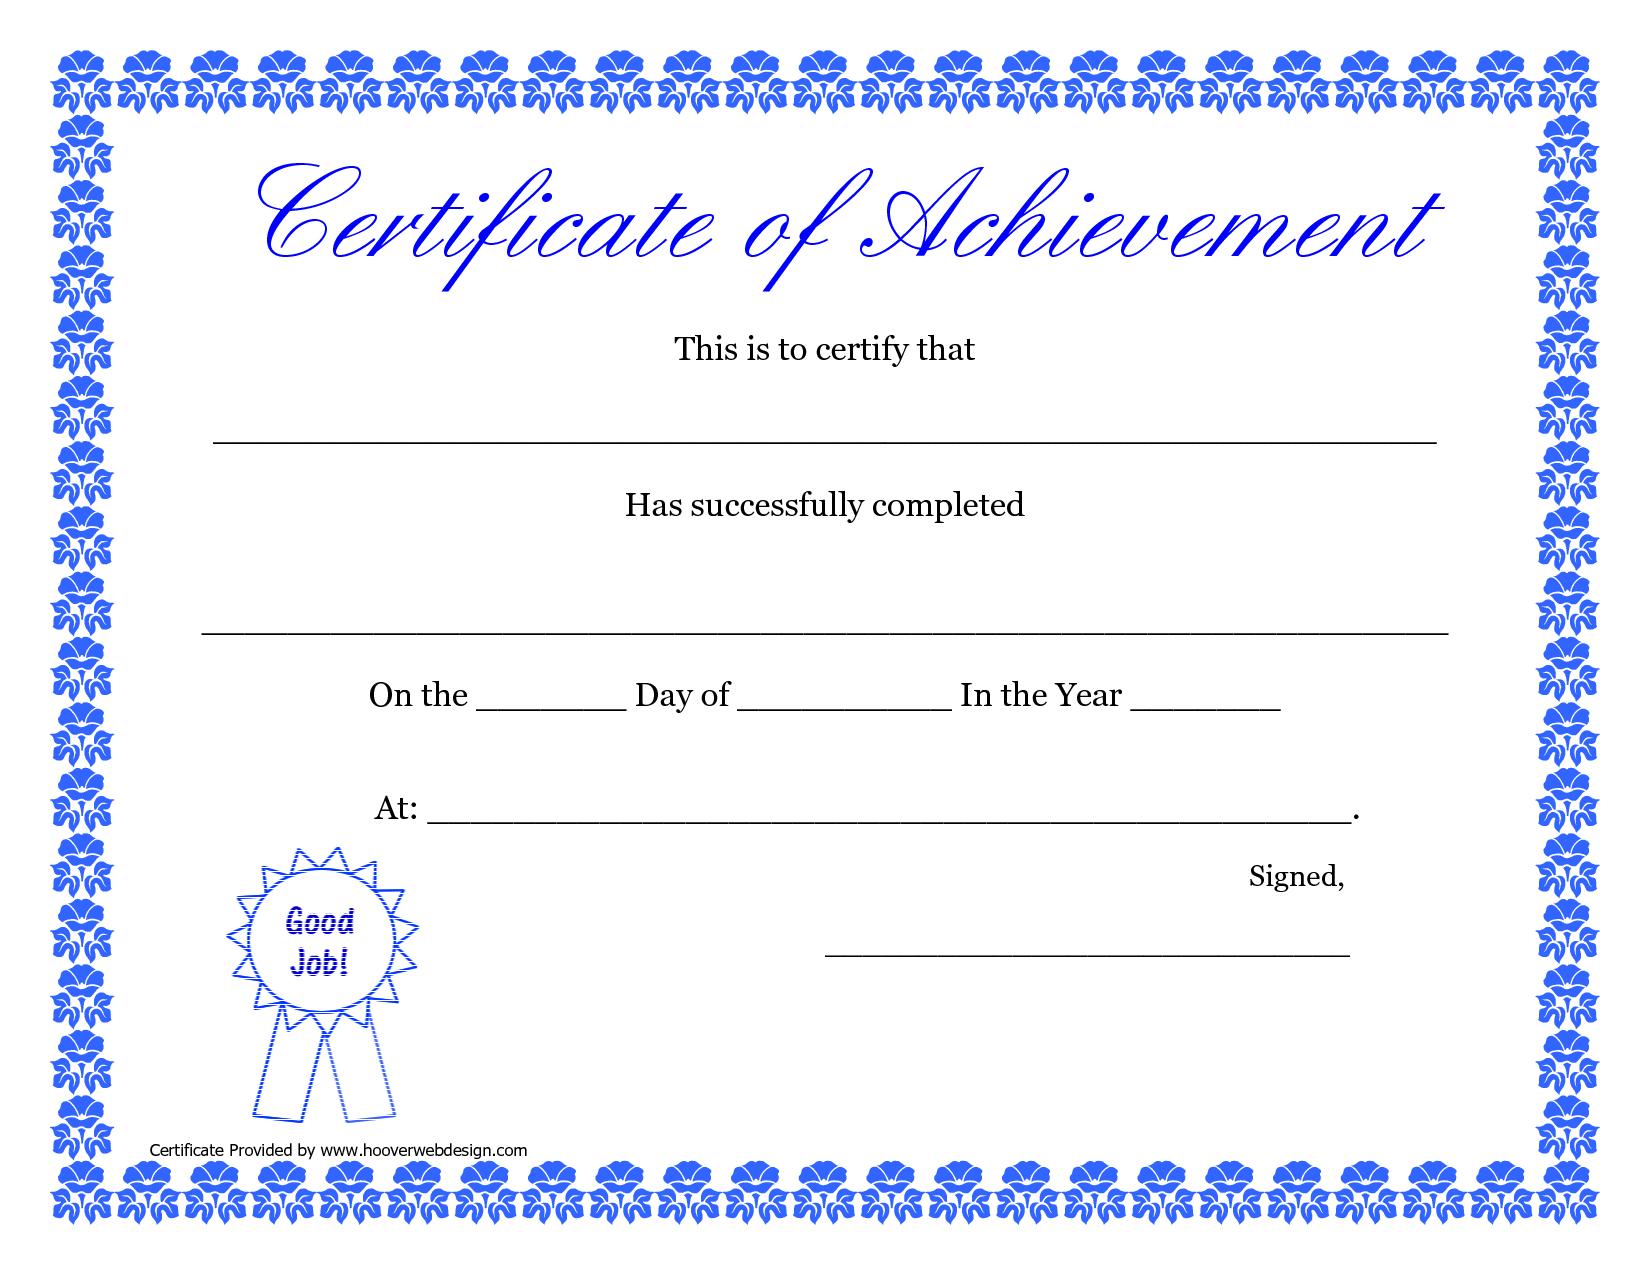 Printable Hard Work Certificates Kids | Printable Certificate Of - Free Printable Certificates Of Accomplishment